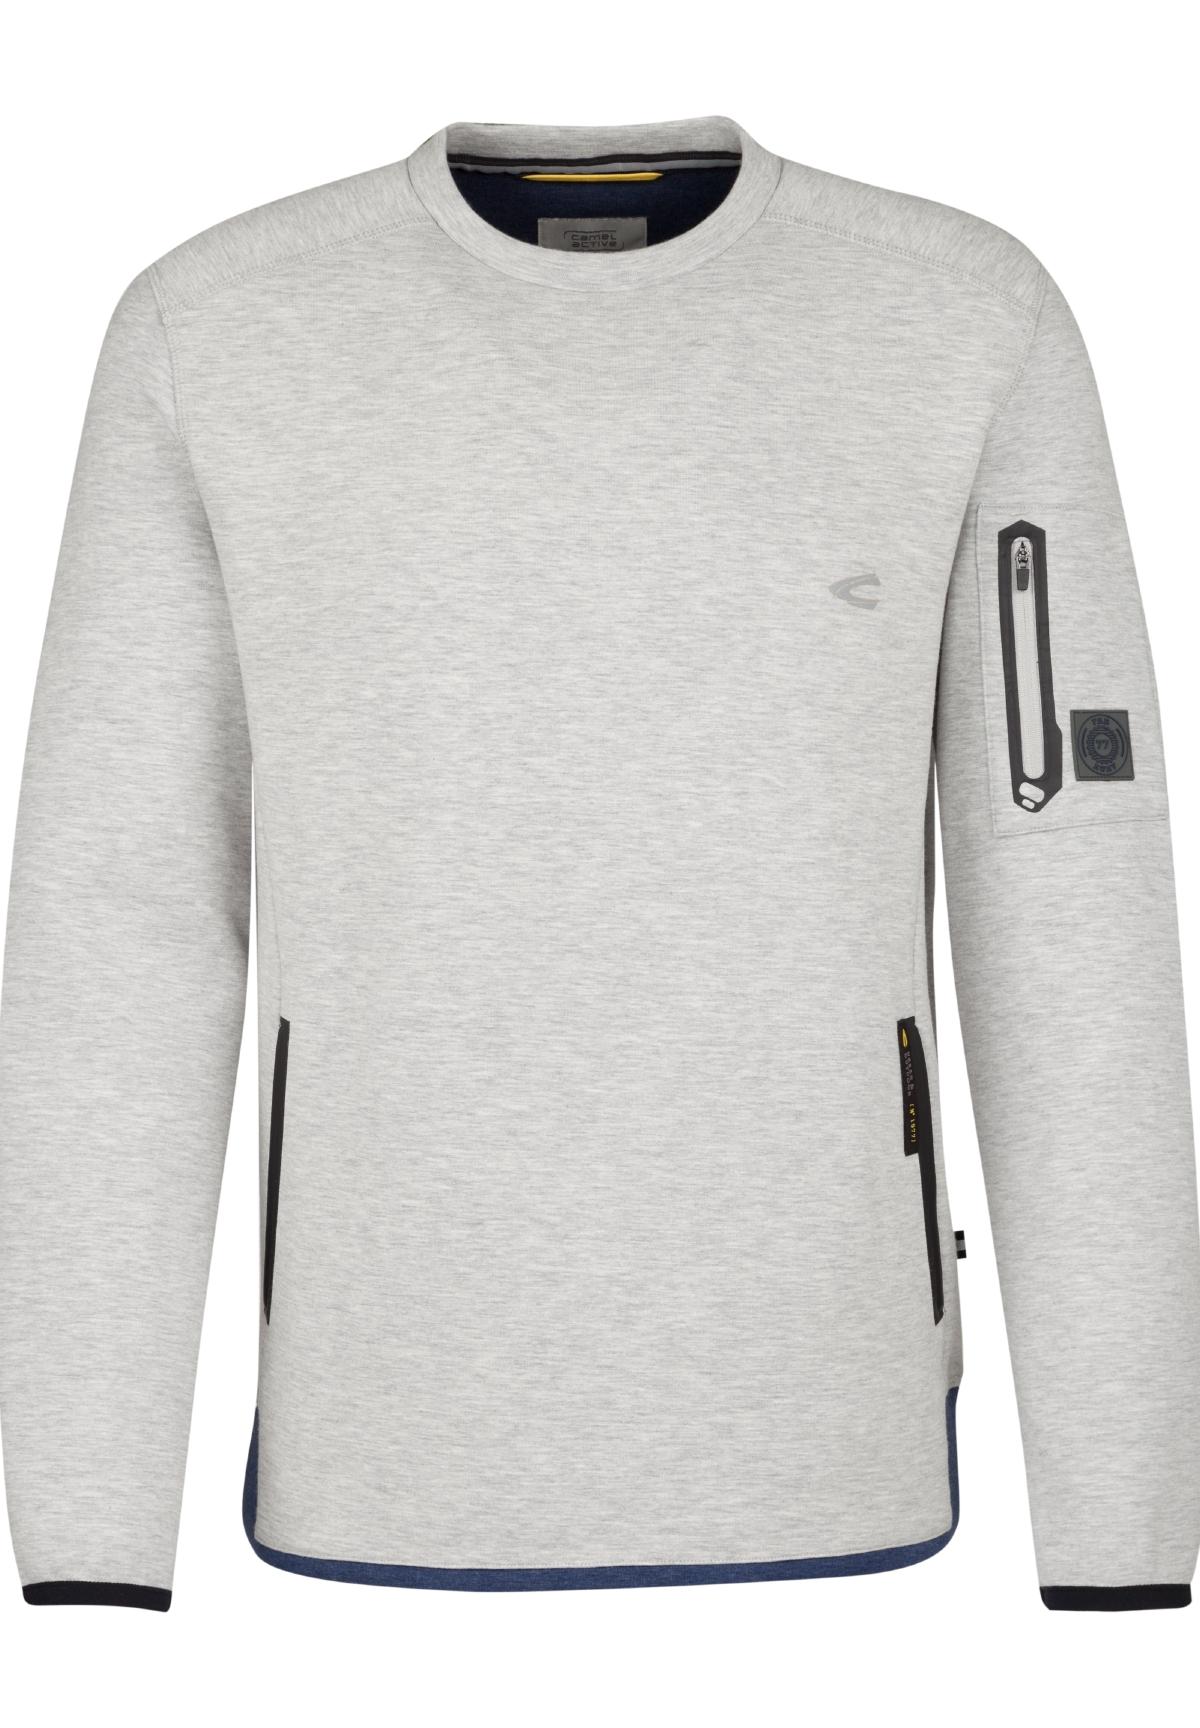 Crew-Neck-Pullover FTW grey melange L